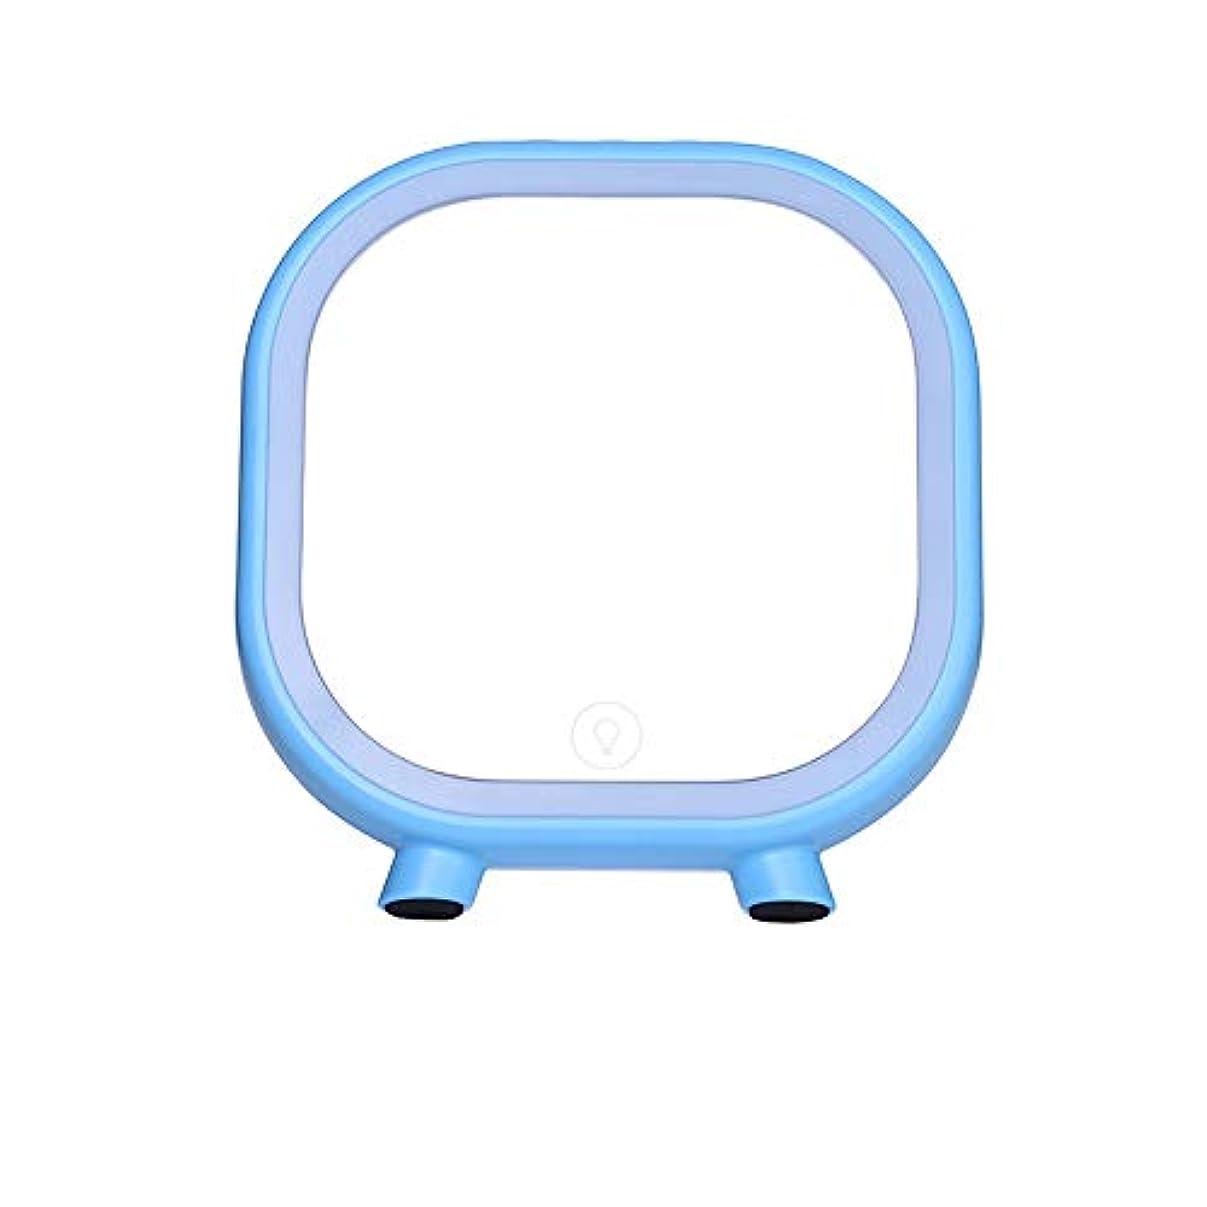 破壊的な起きる刺します流行の 創造的なLEDの薄いピンク/青い正方形のブルートゥースのスピーカーの化粧台/化粧鏡 (色 : Blue)